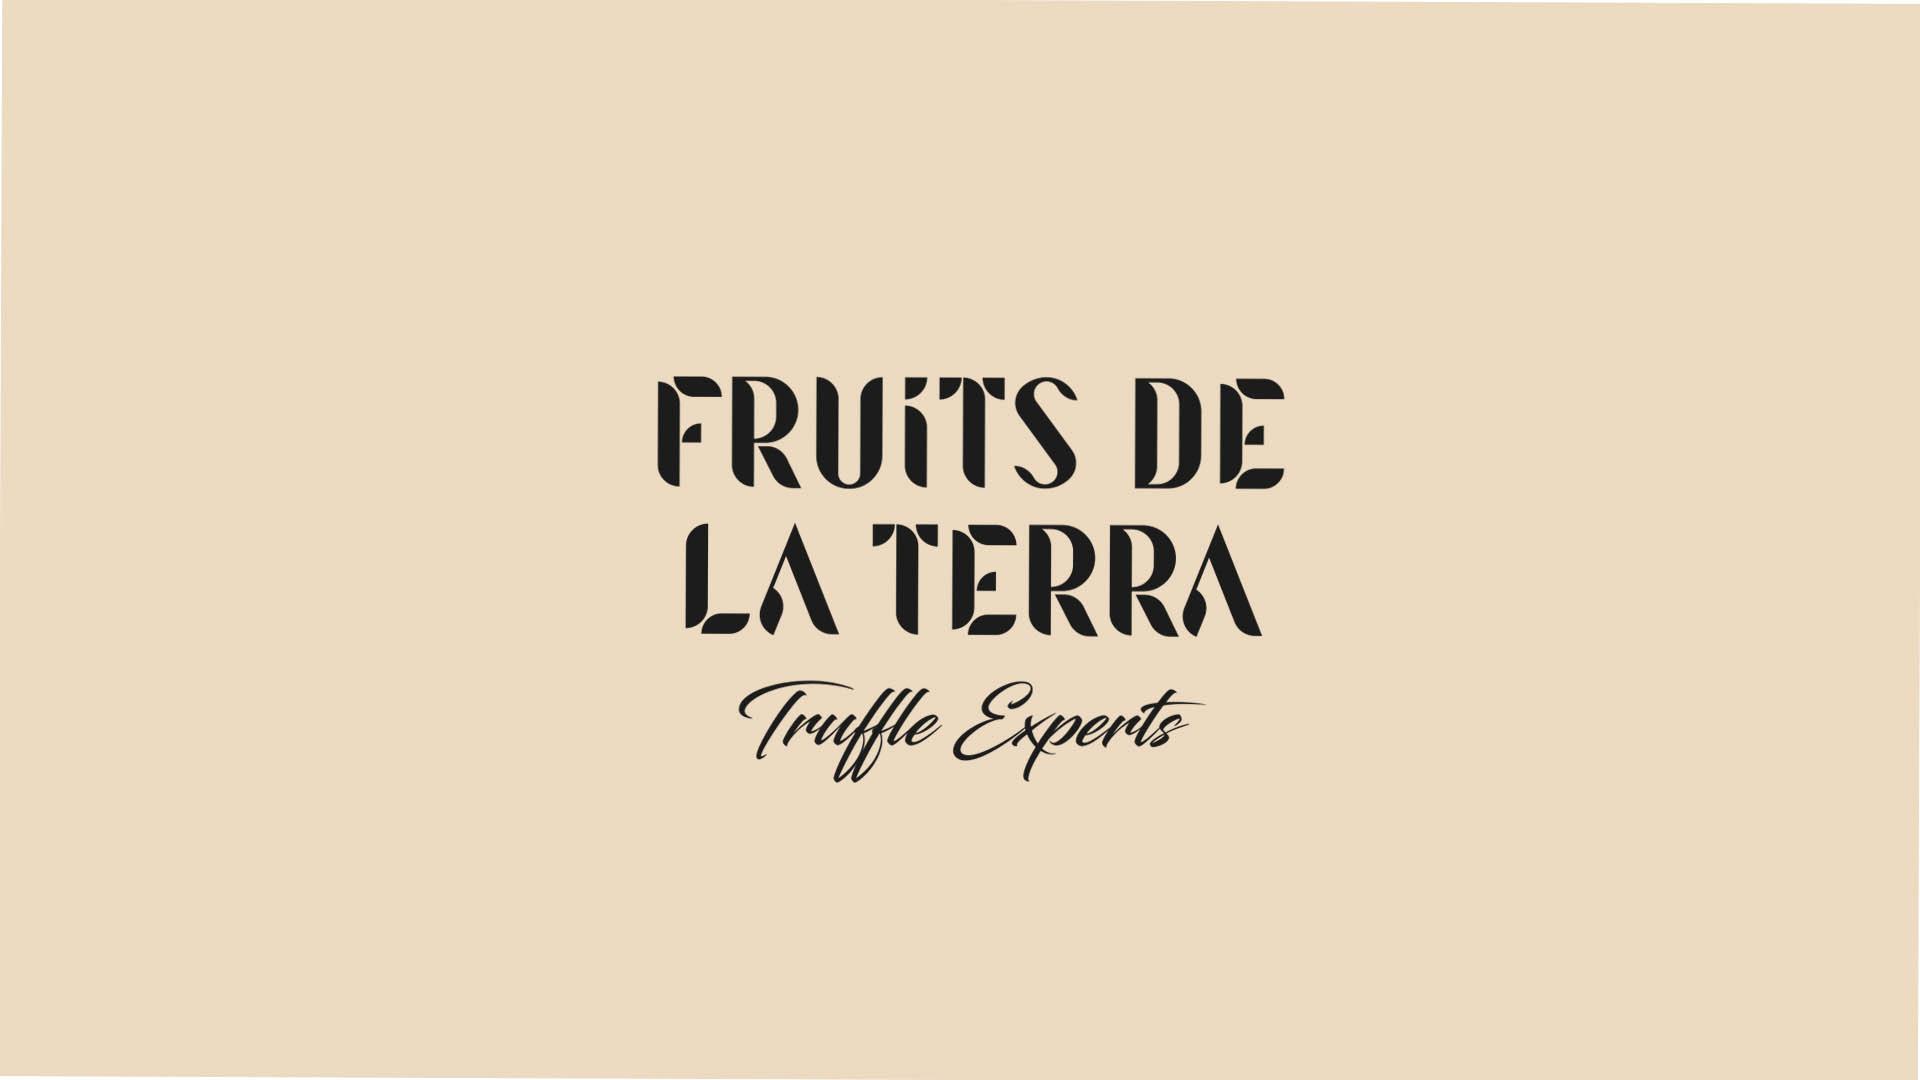 Fruits de la terra